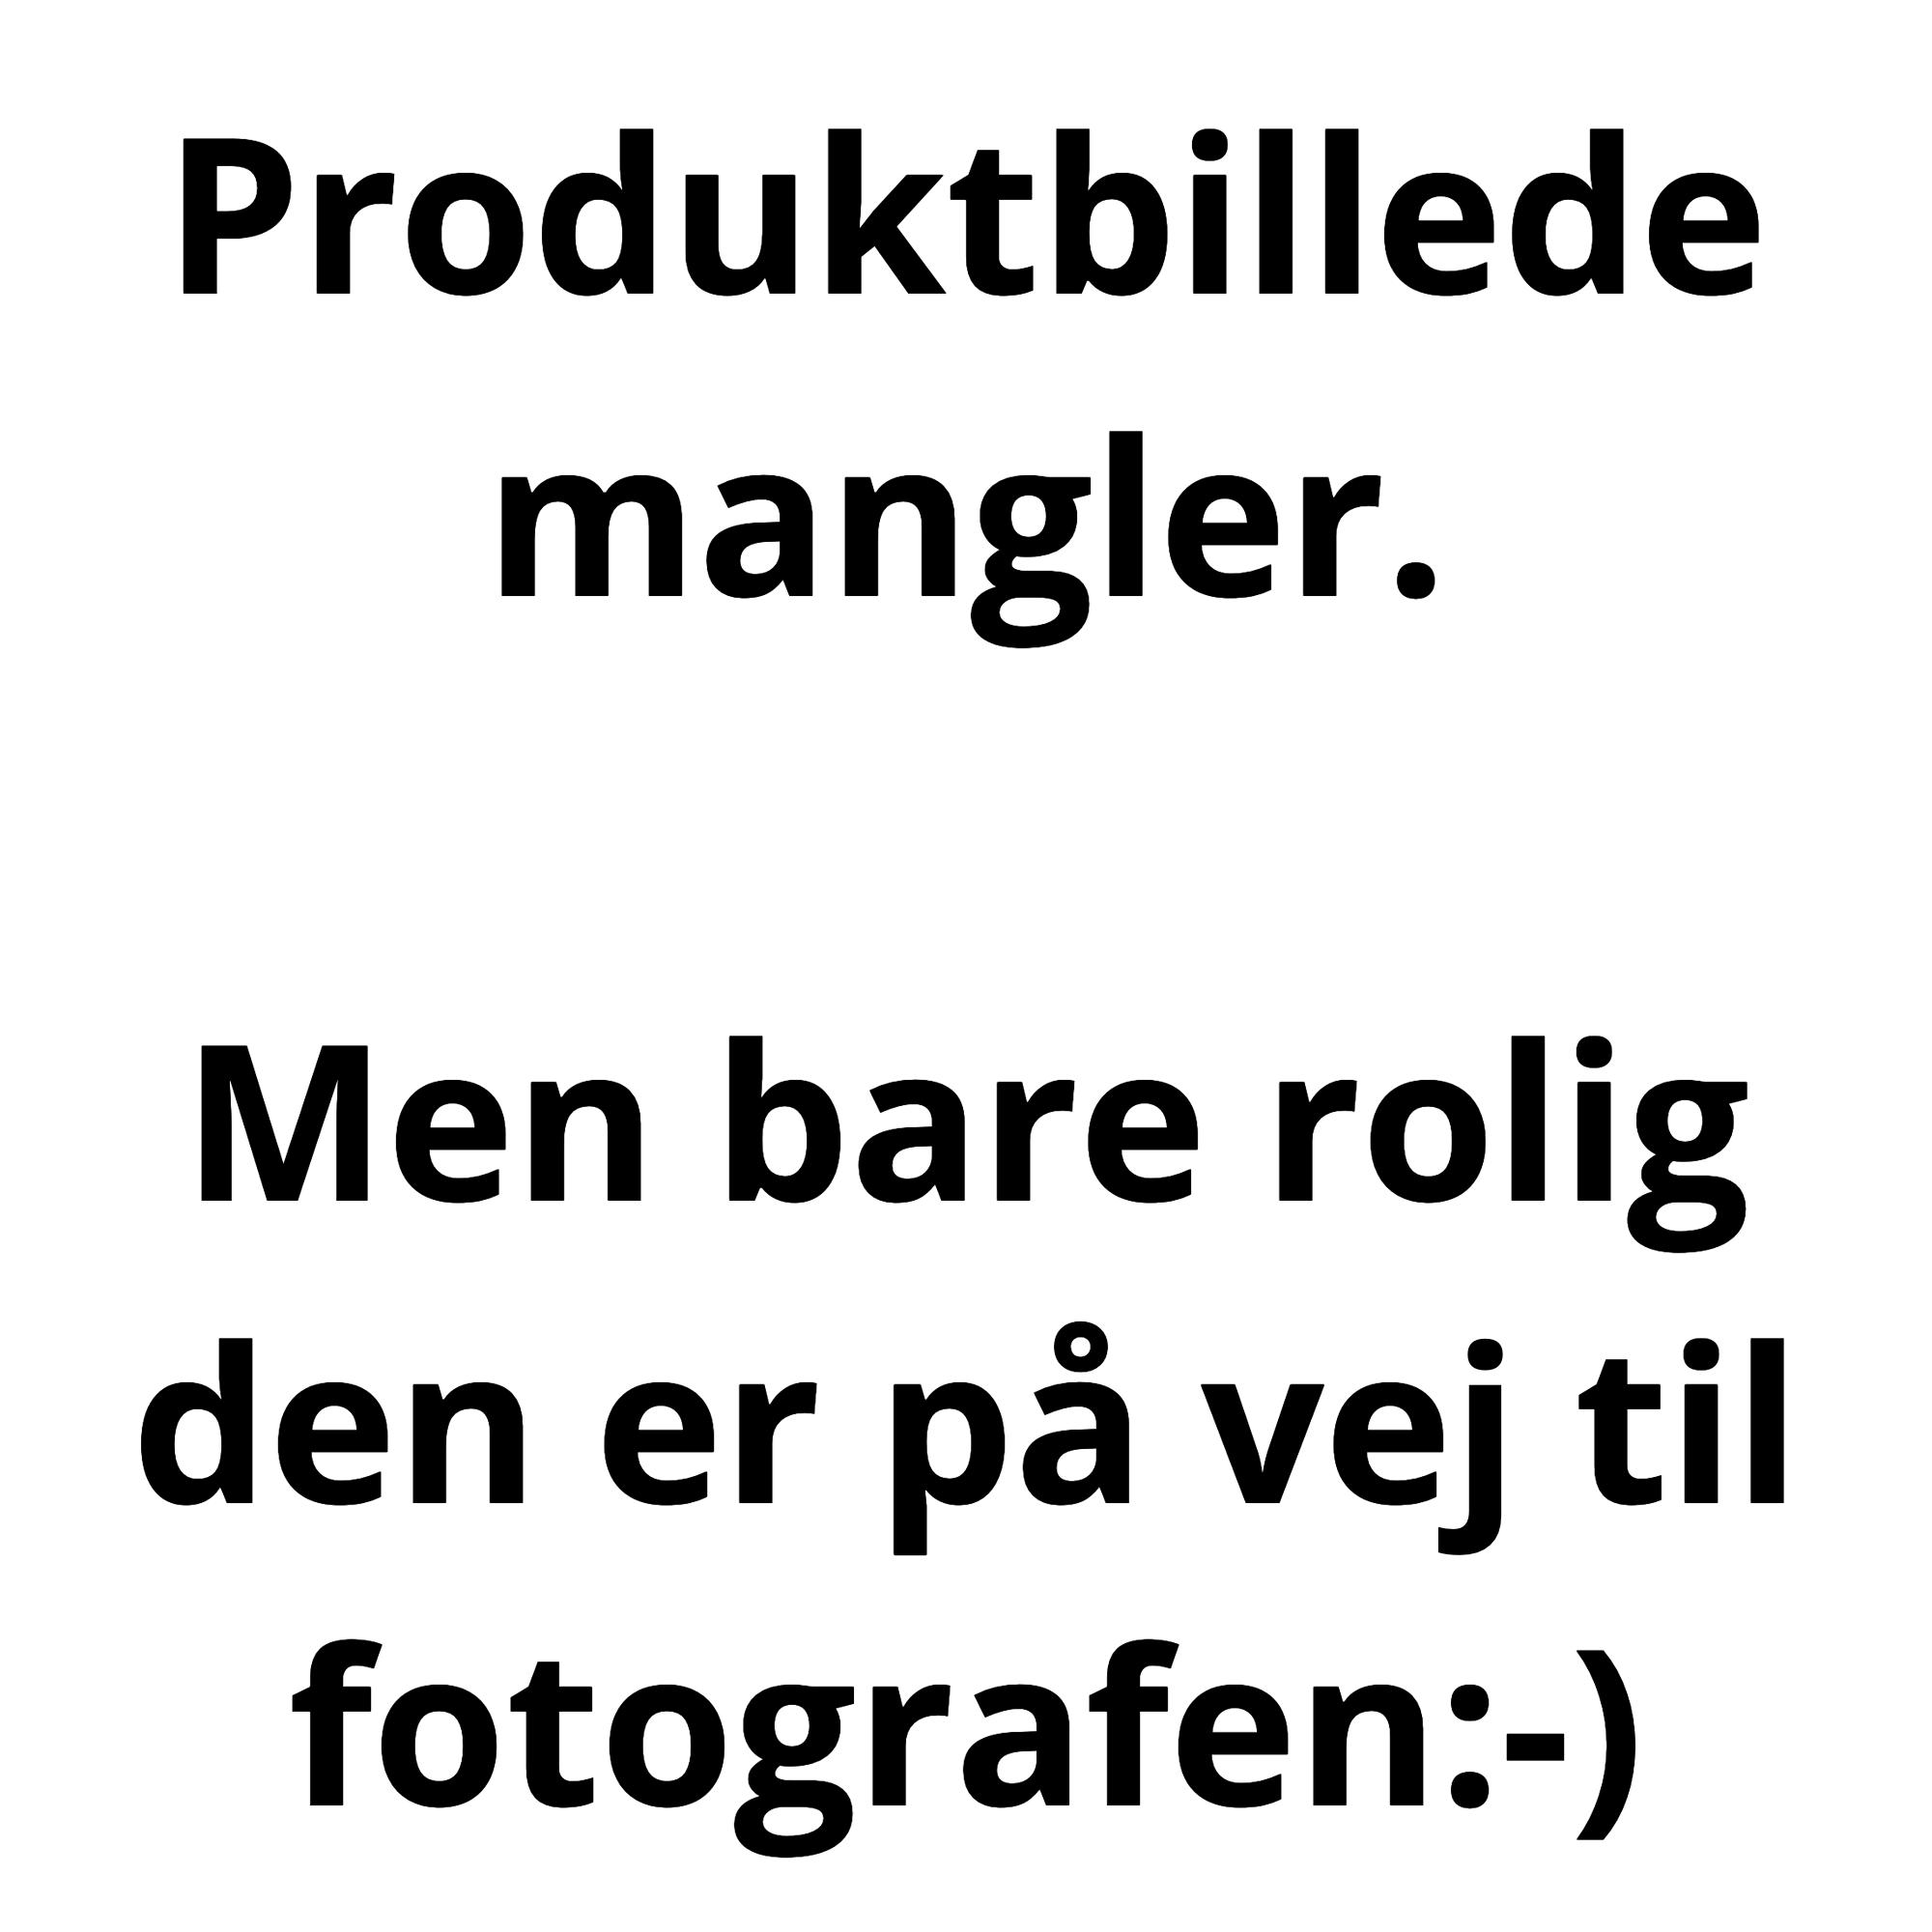 Brodit Apple iPhone 6S/7/8/X/Xs m. beskyttelsescover (b:62-77 / d:2-10) - Passiv Holder med Kabeltilslutning